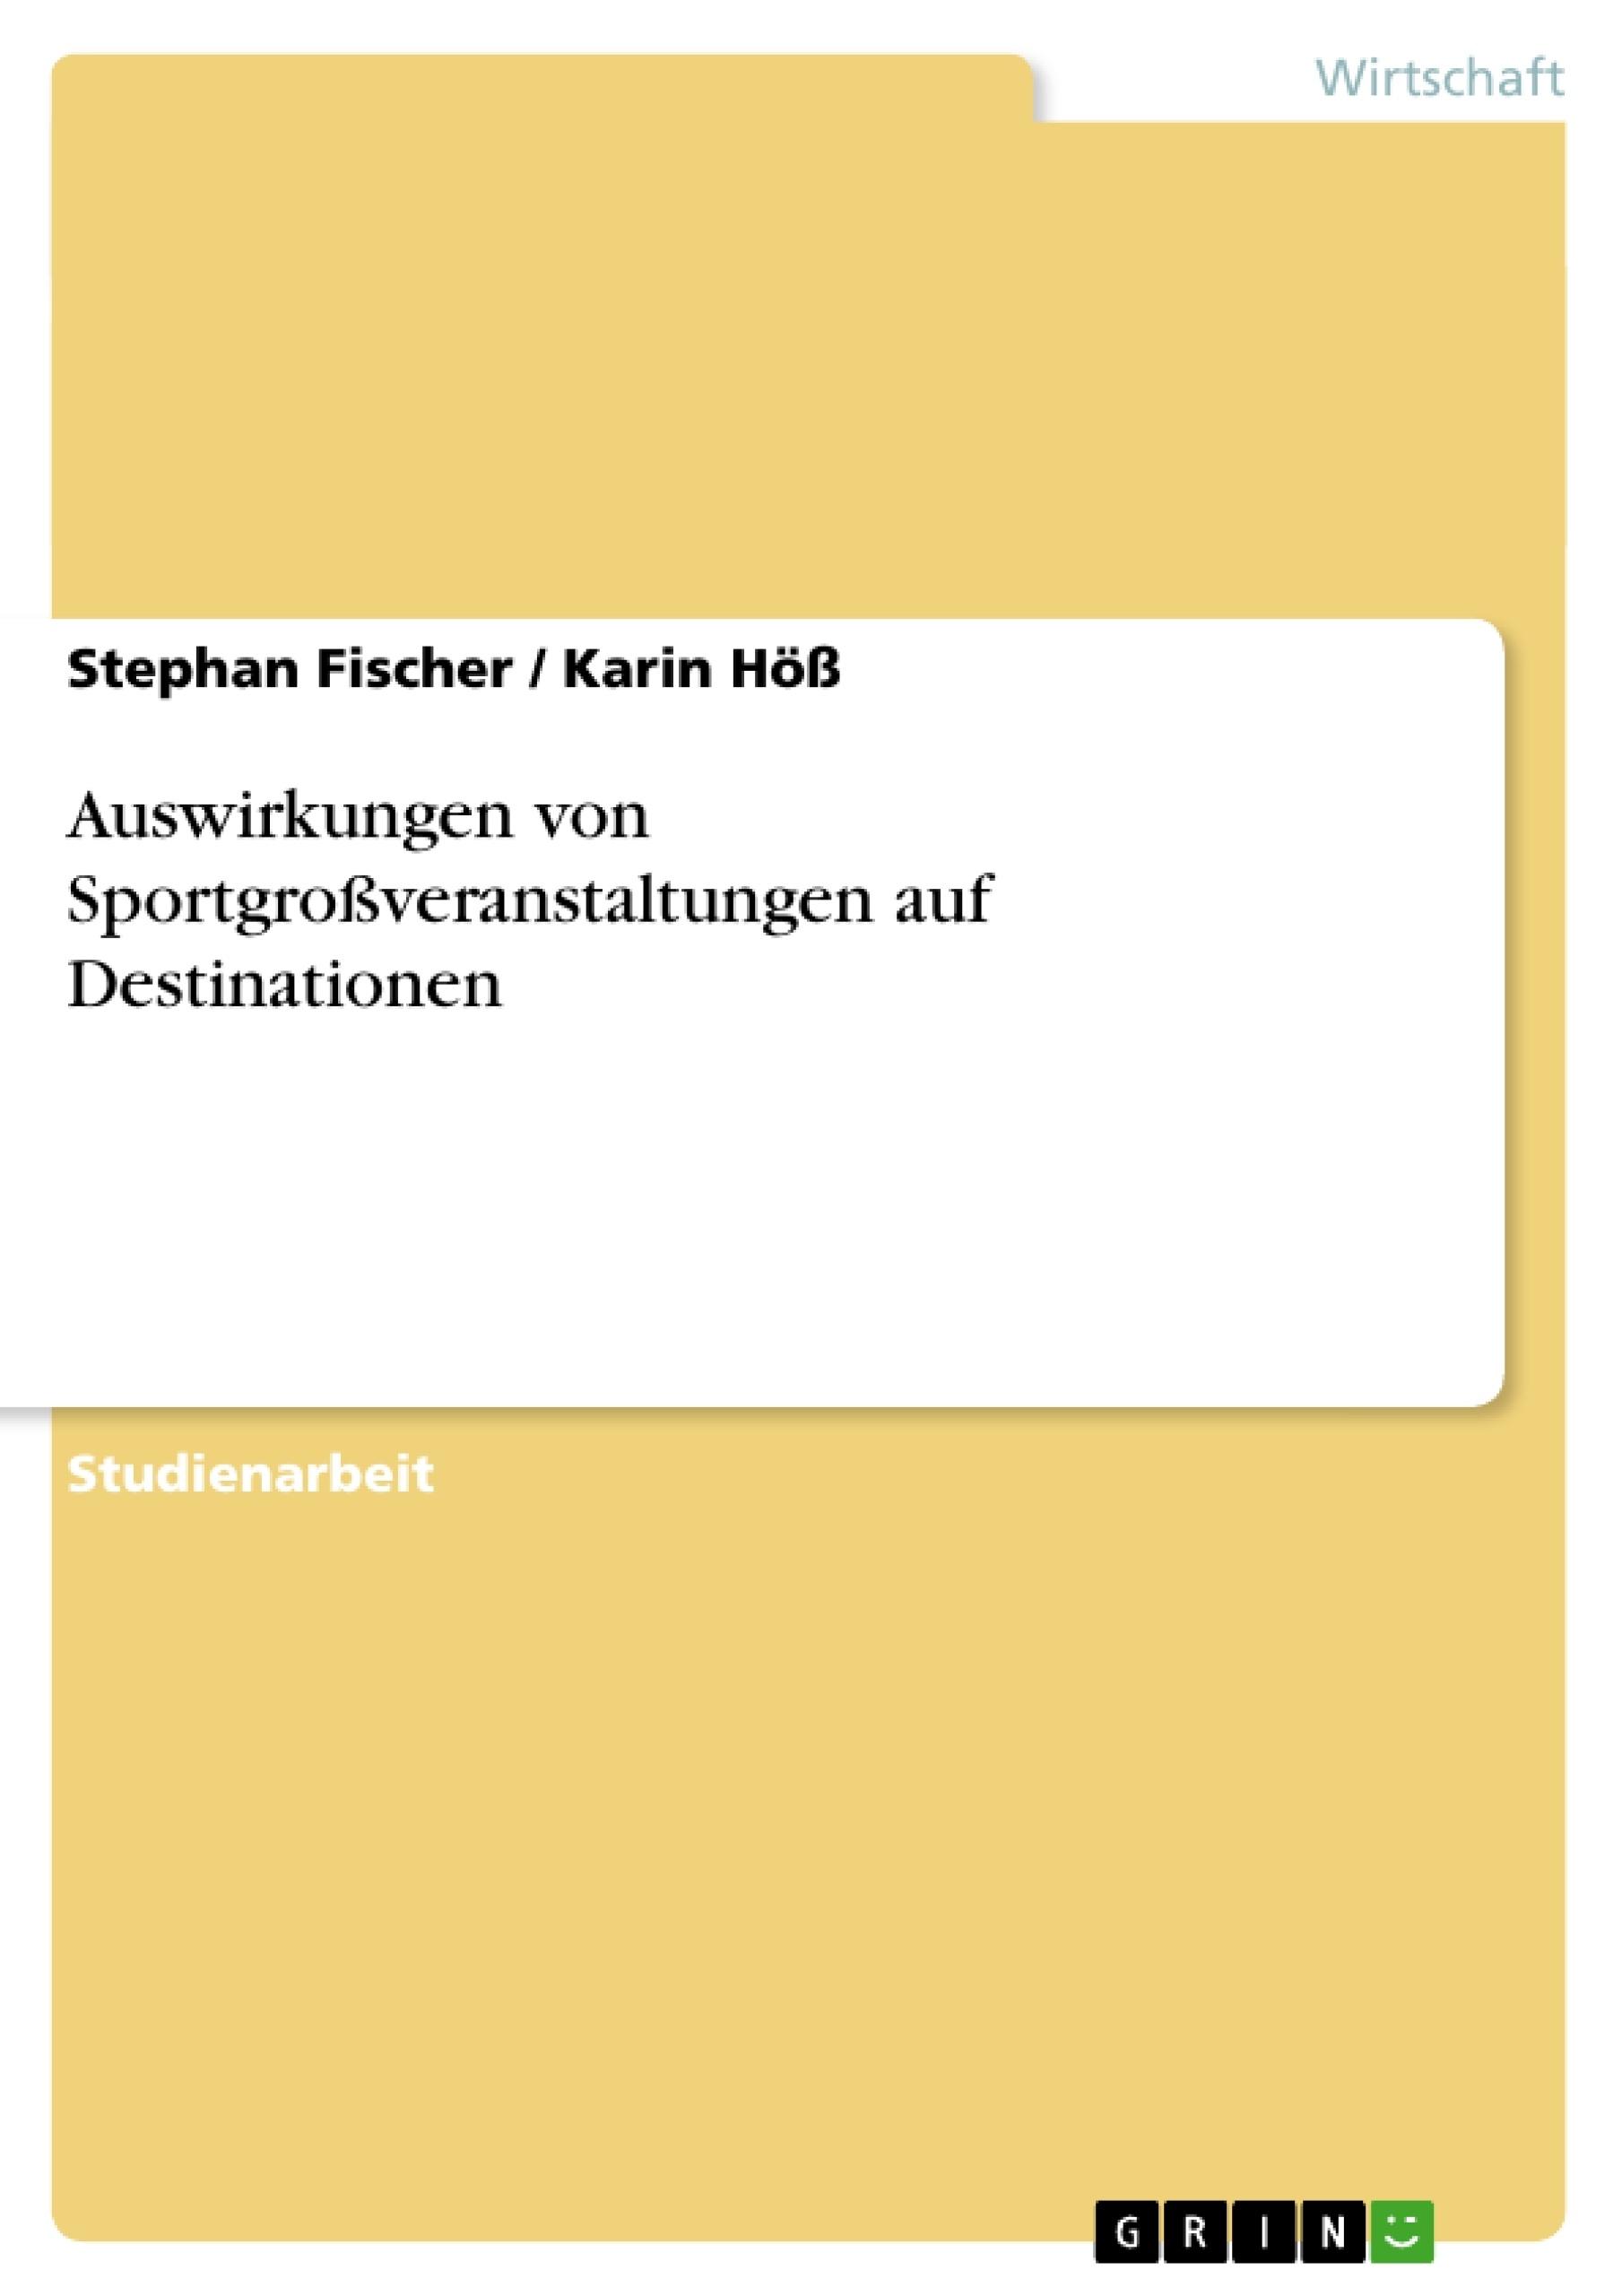 Titel: Auswirkungen von Sportgroßveranstaltungen auf Destinationen